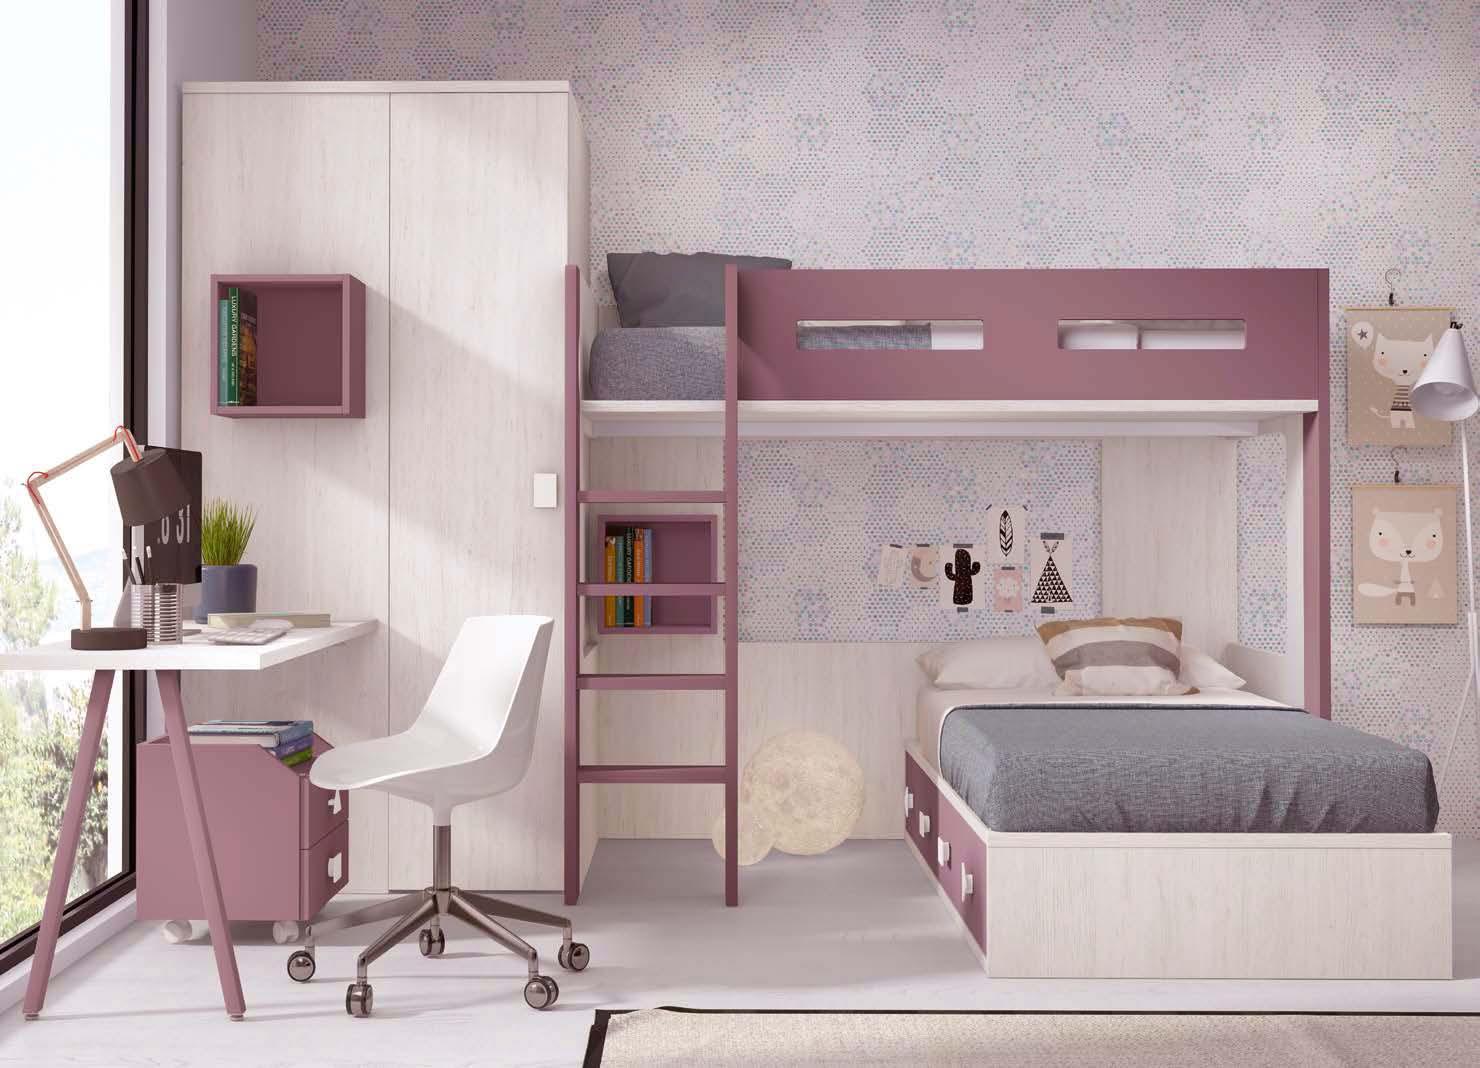 Lit mezzanine ado avec lit séparable - GLICERIO - SO NUIT